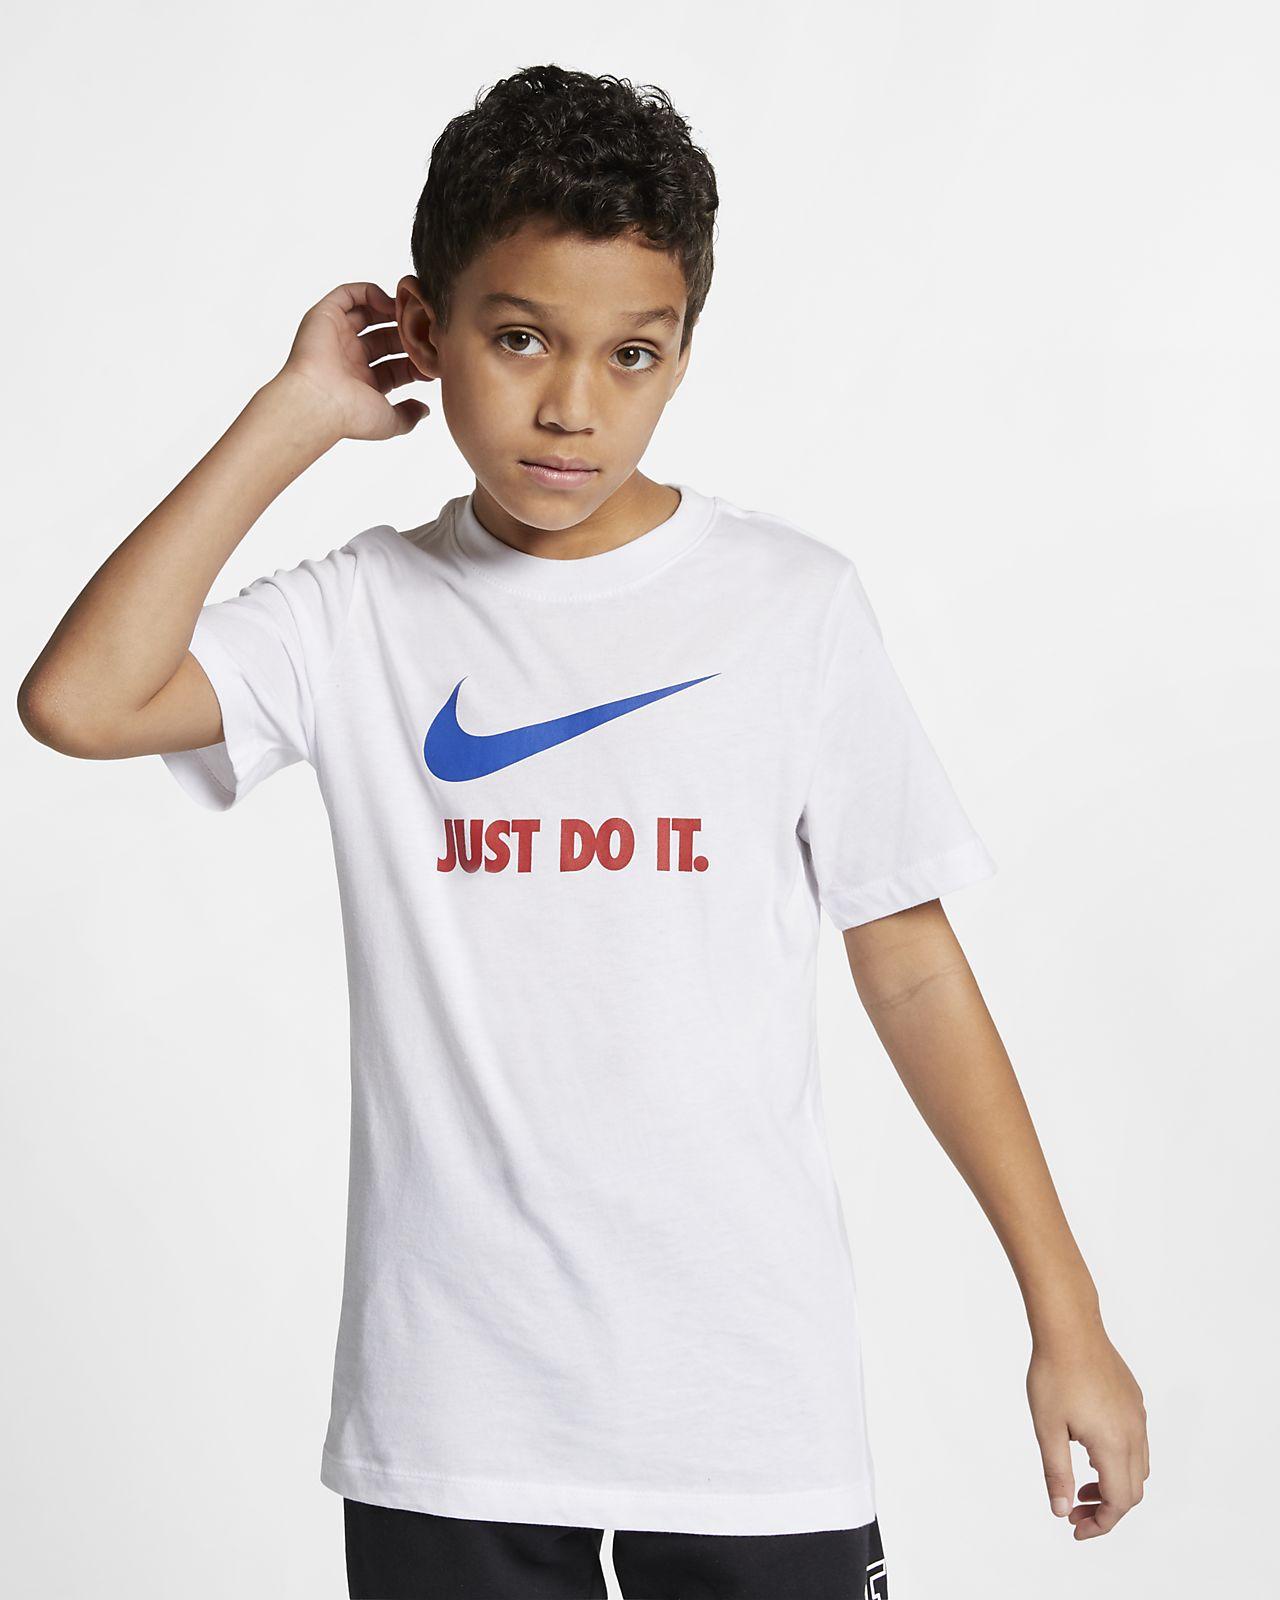 Tee-shirt JDI Nike Sportswear pour Enfant plus âgé